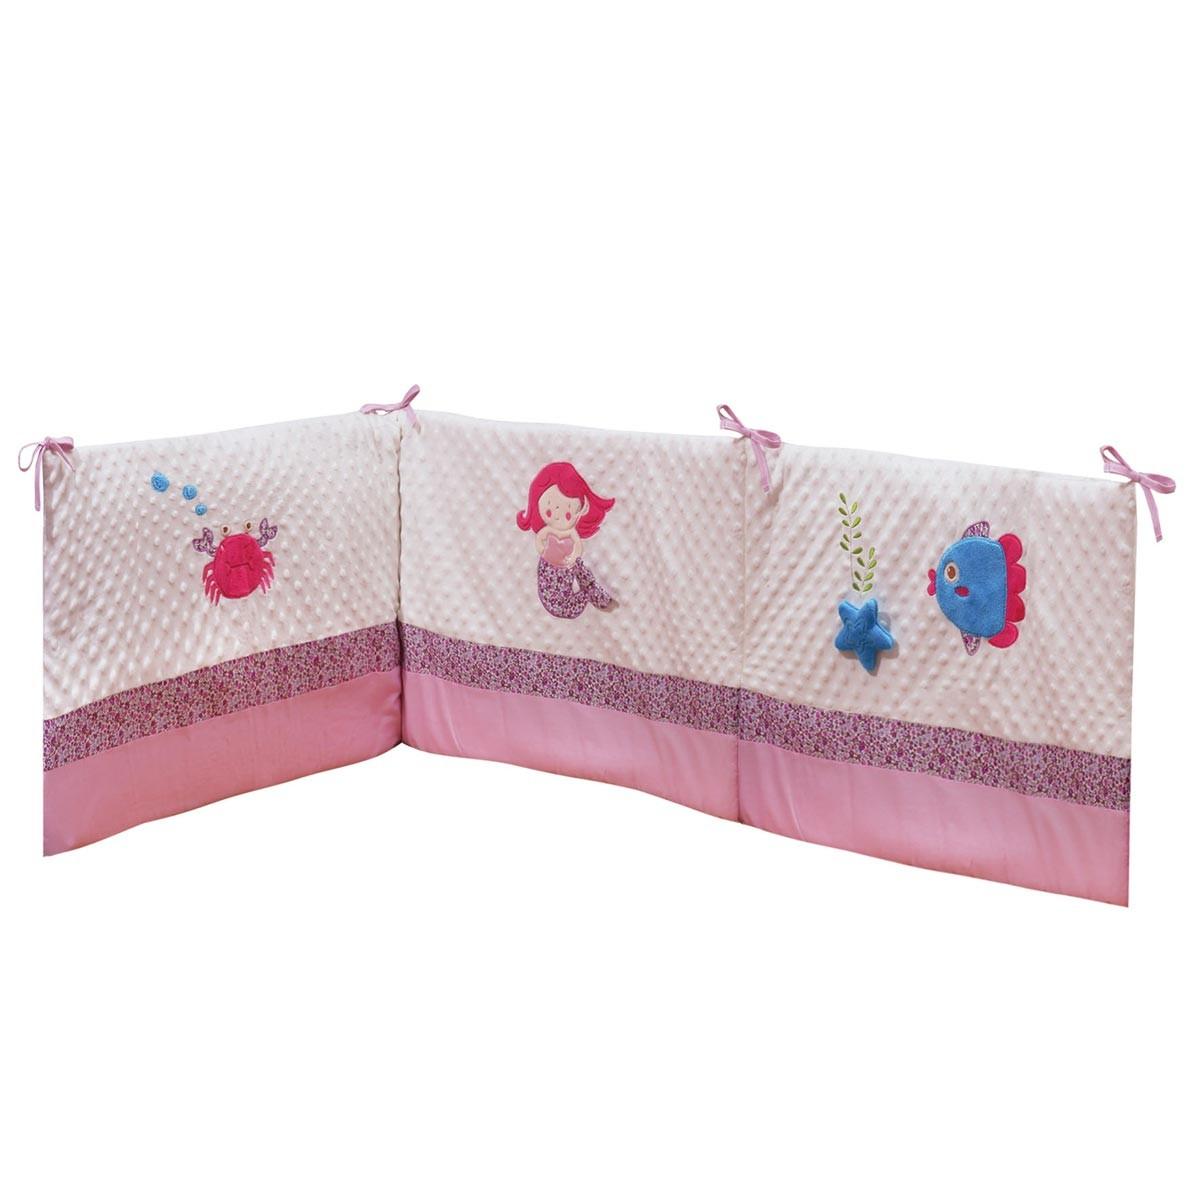 Πάντα Κούνιας Das Home Dream Embroidery 6395 66786